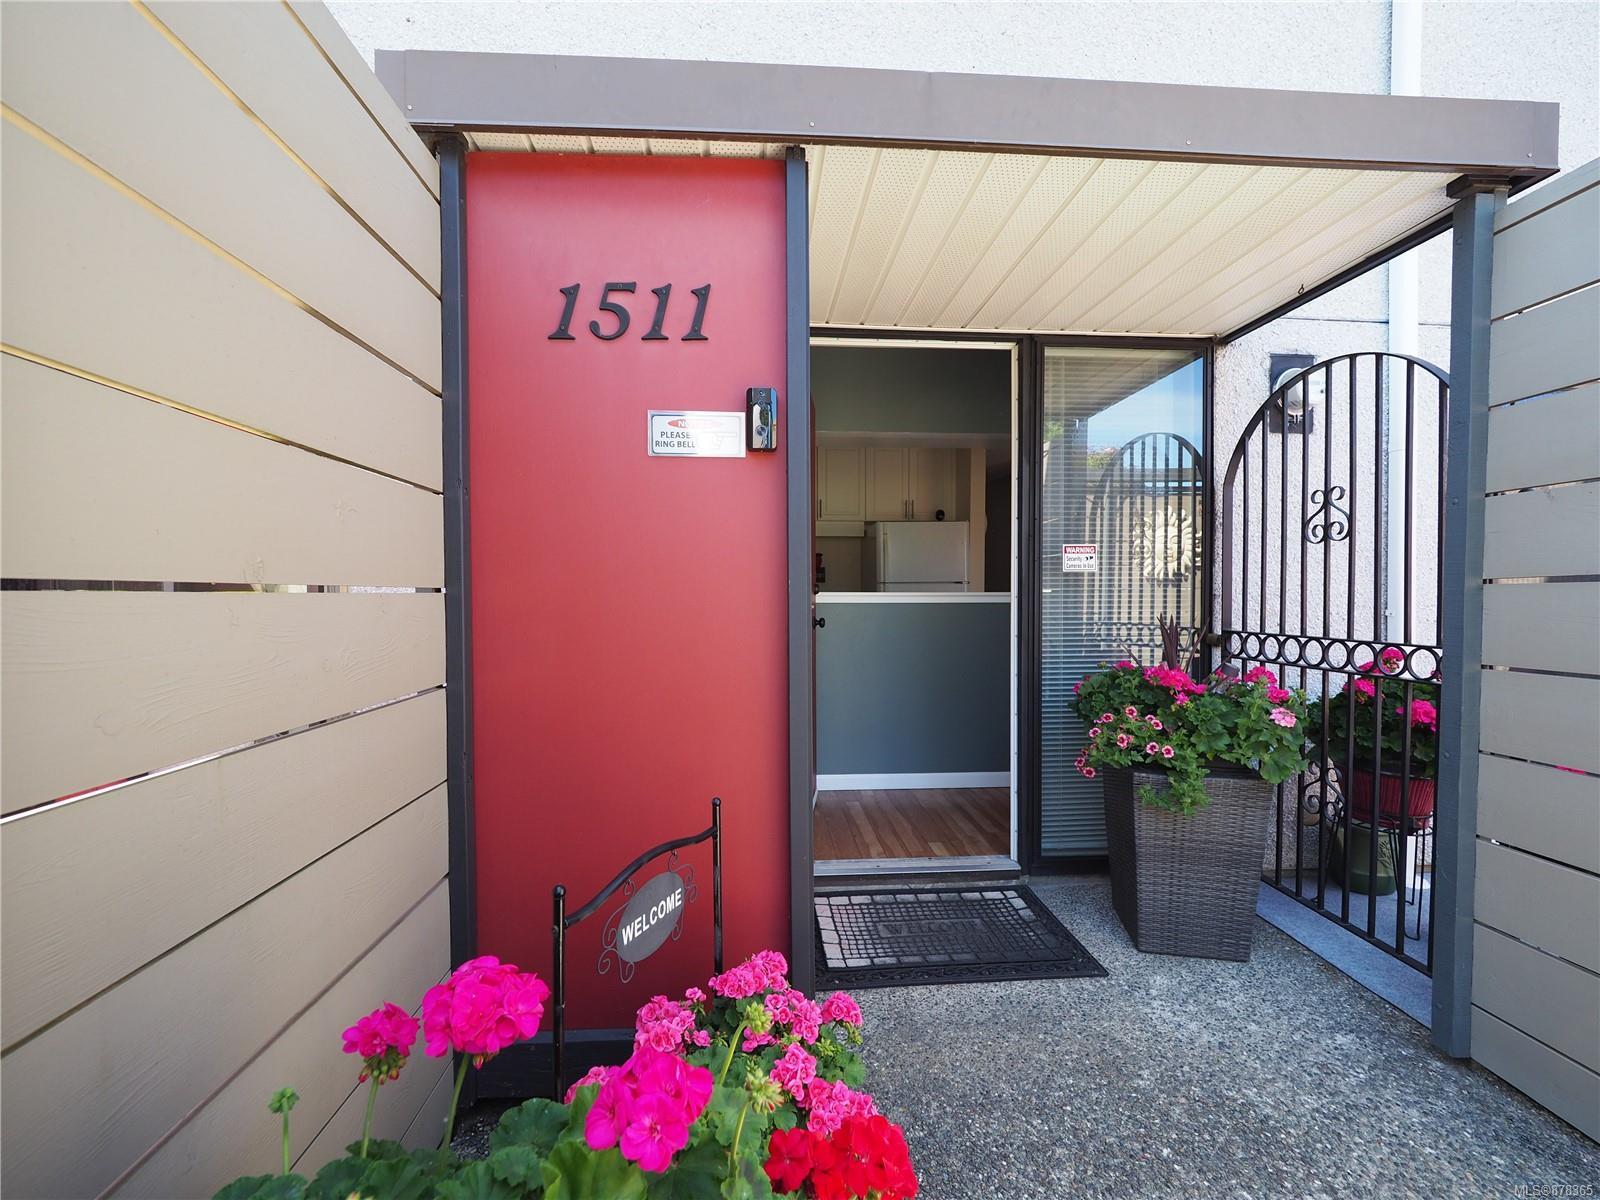 1511 North Dairy Road, Oaklands, Victoria